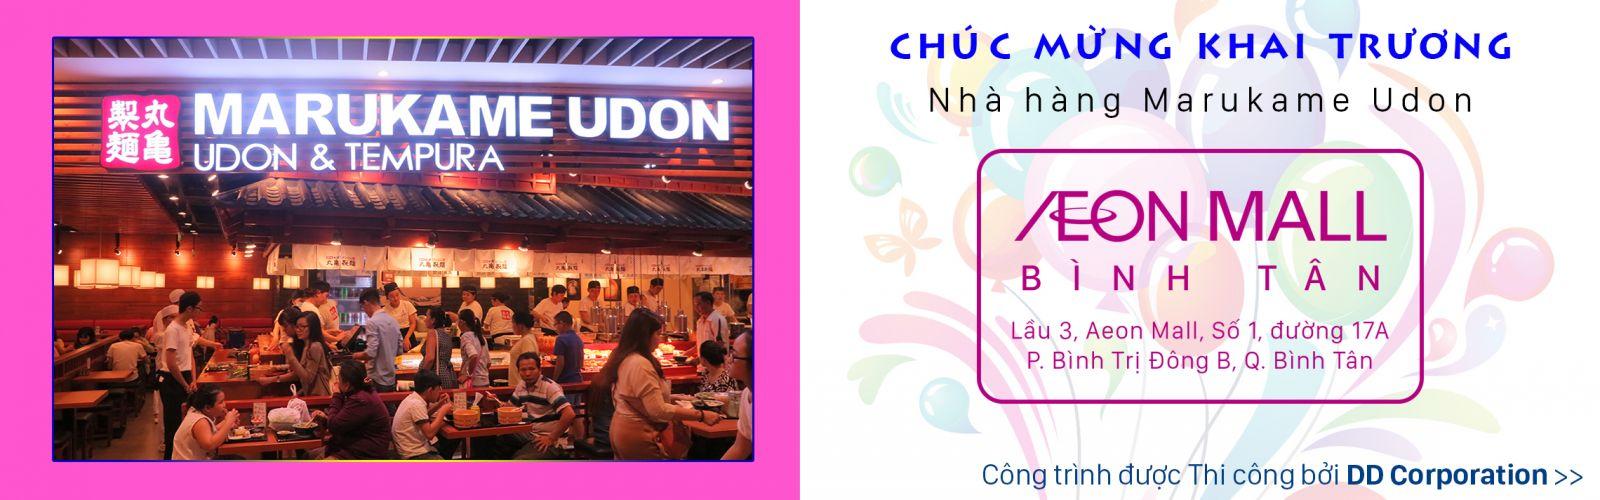 Nhà hàng Marukame Udon Hai Bà Trưng - Tân định